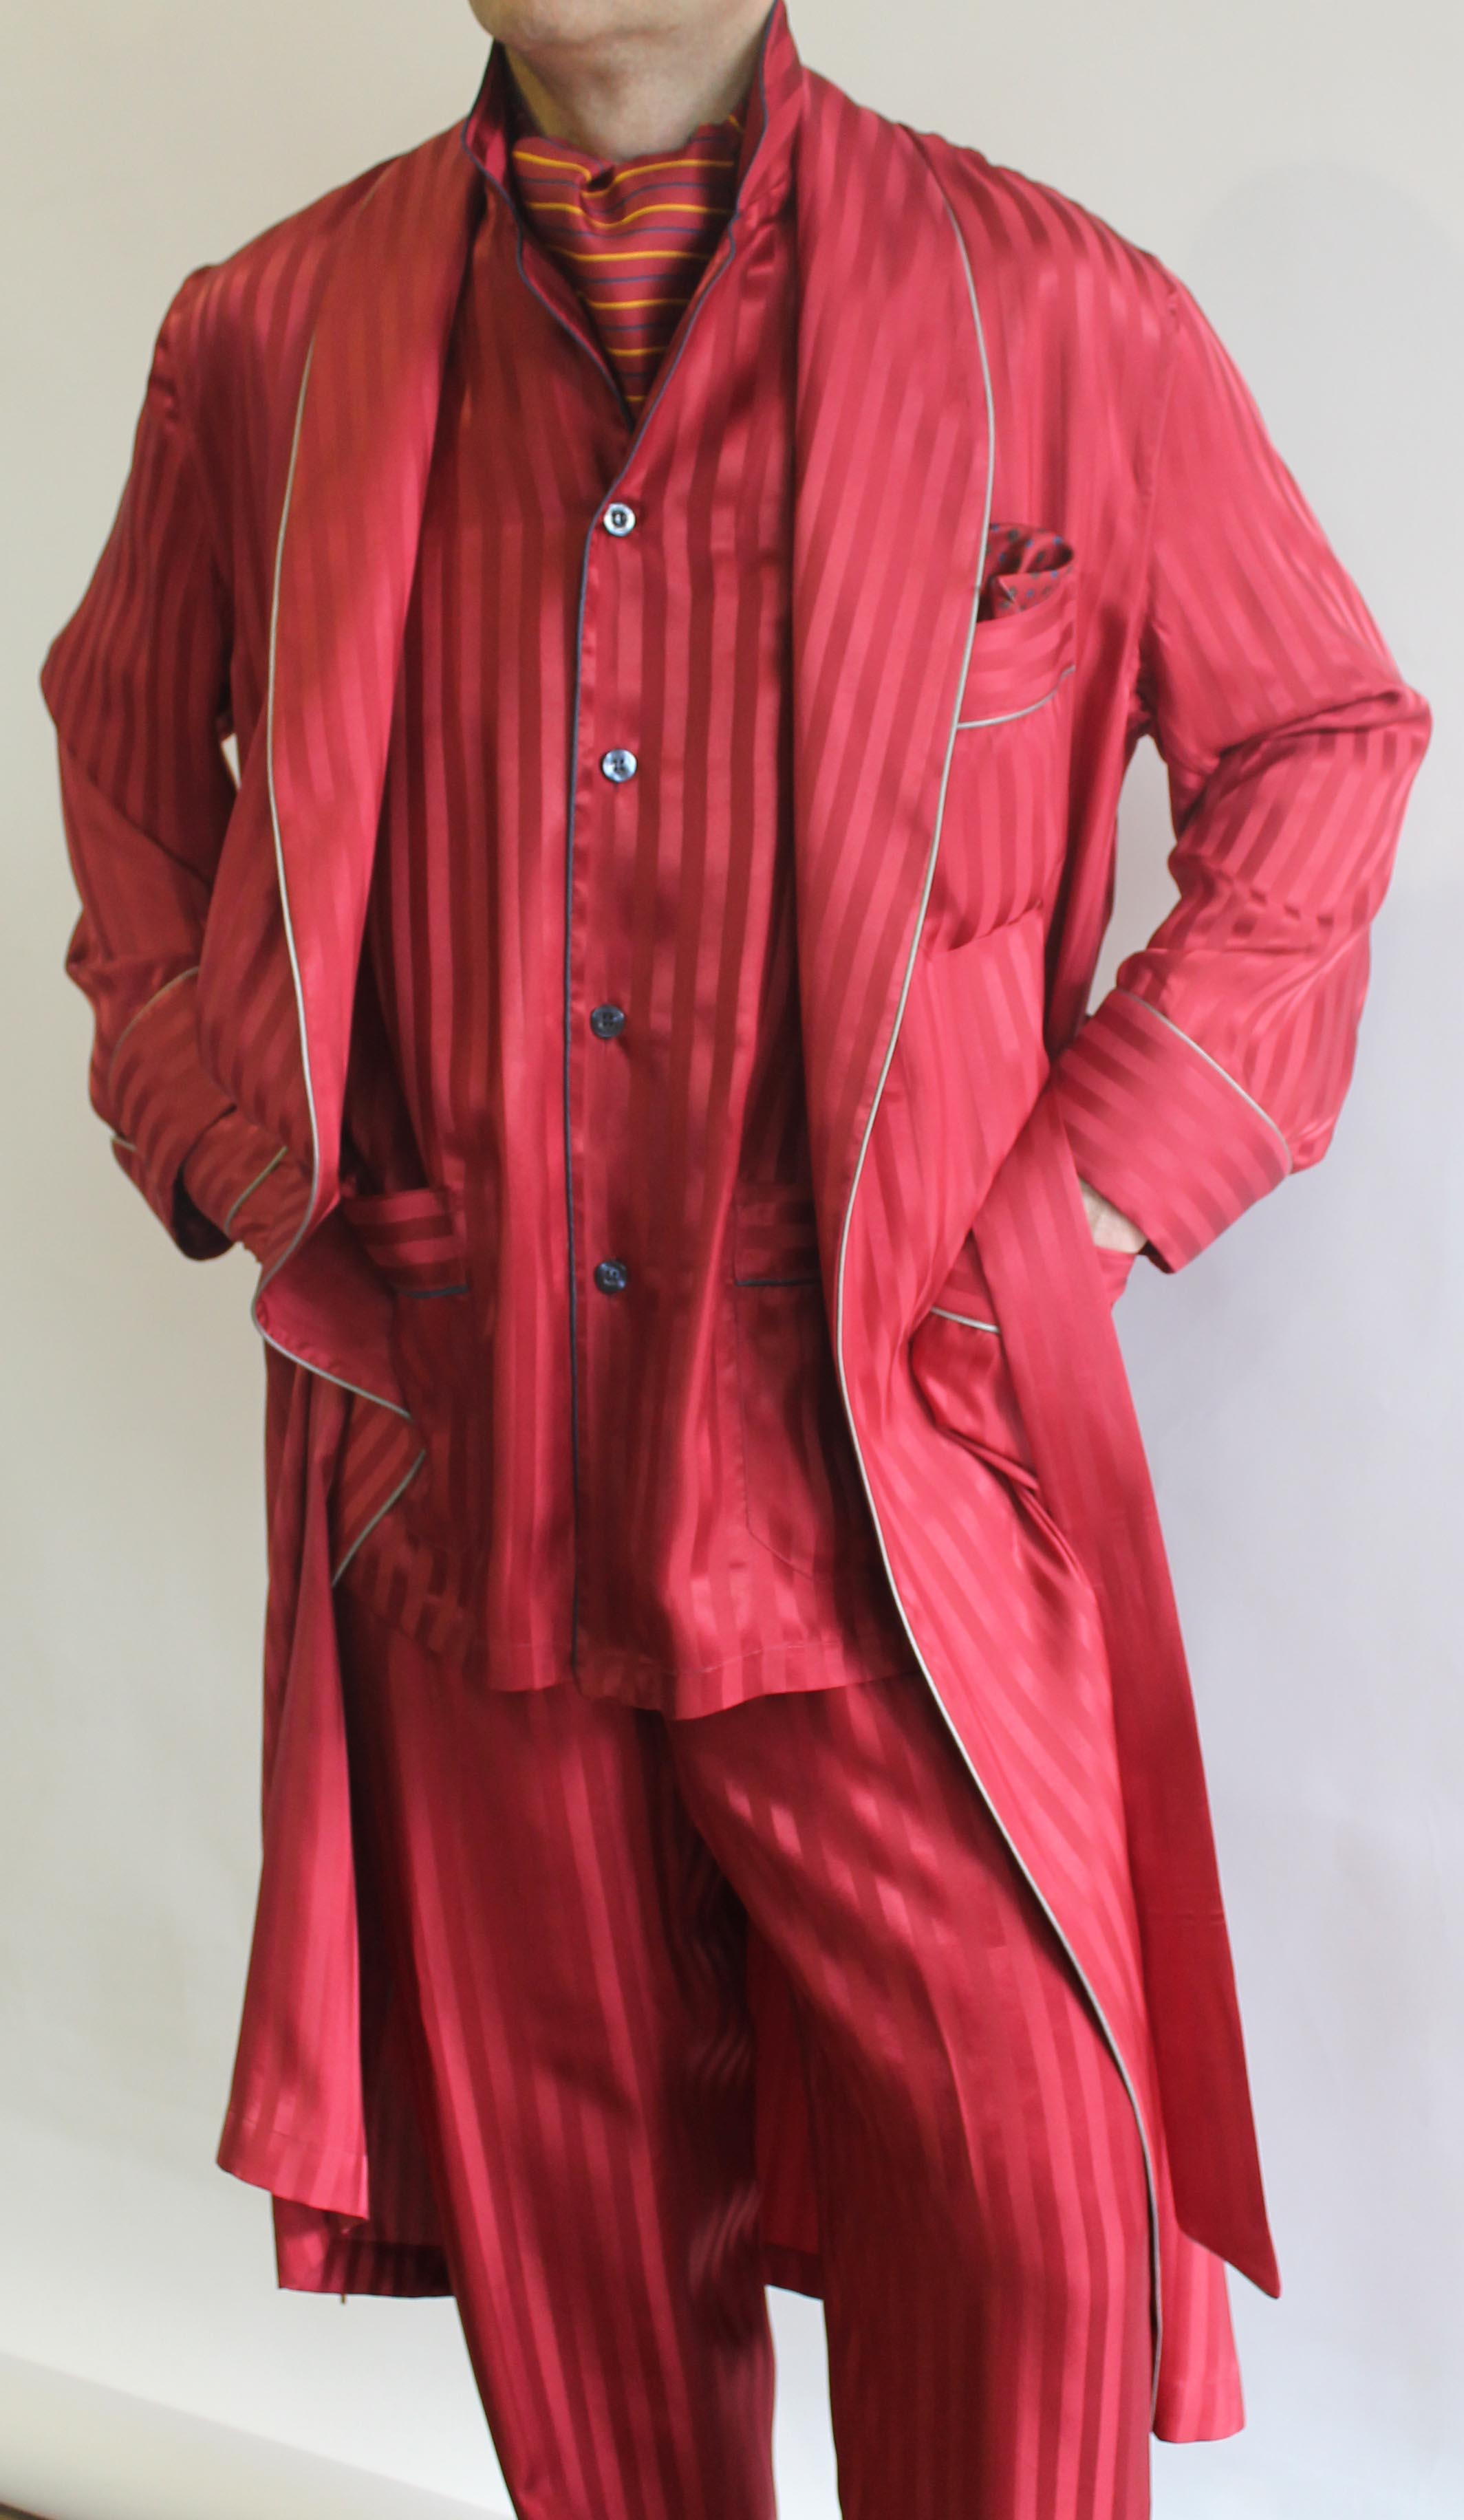 robe de chambre classique pour homme en 100 soie satin. Black Bedroom Furniture Sets. Home Design Ideas